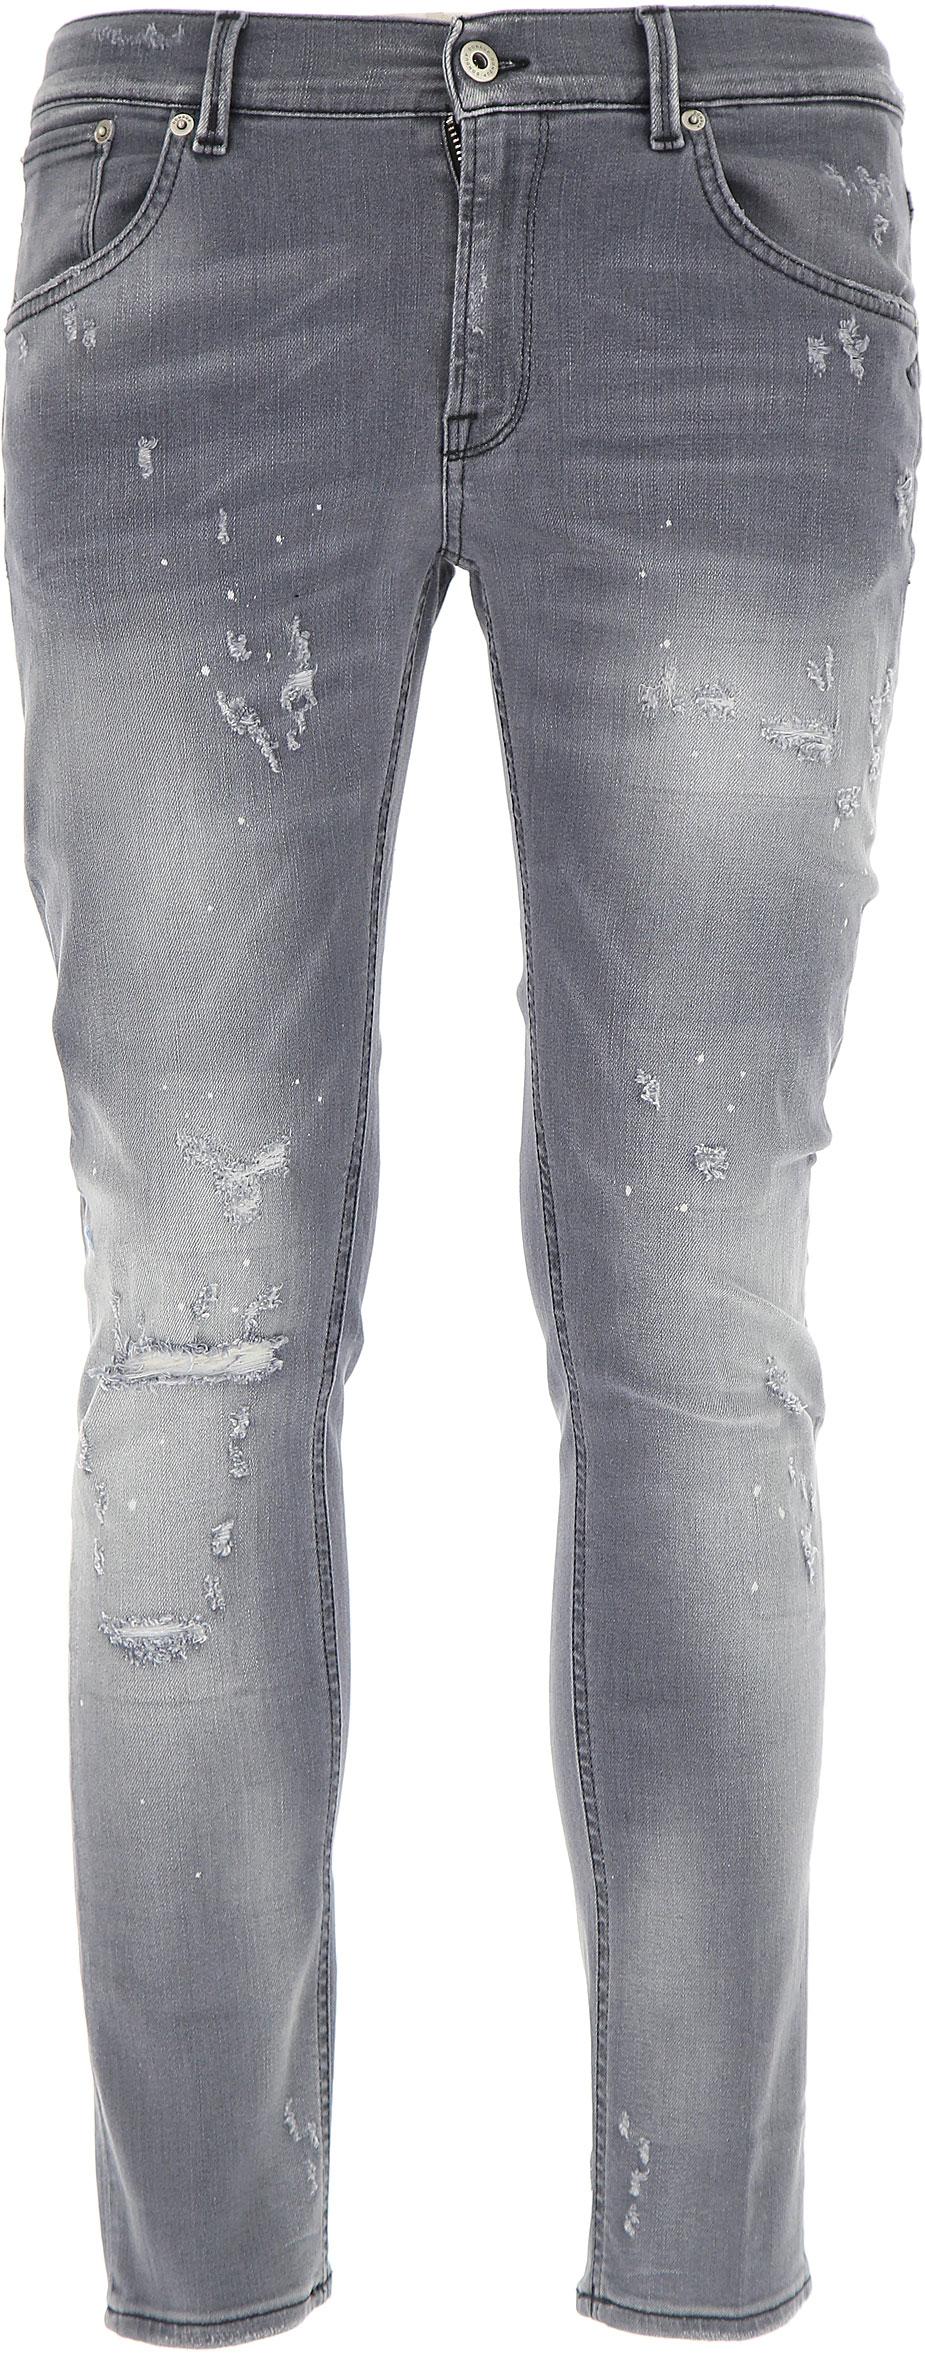 Abbigliamento Uomo Dondup, Codice Articolo: up466-ds168u-s46n